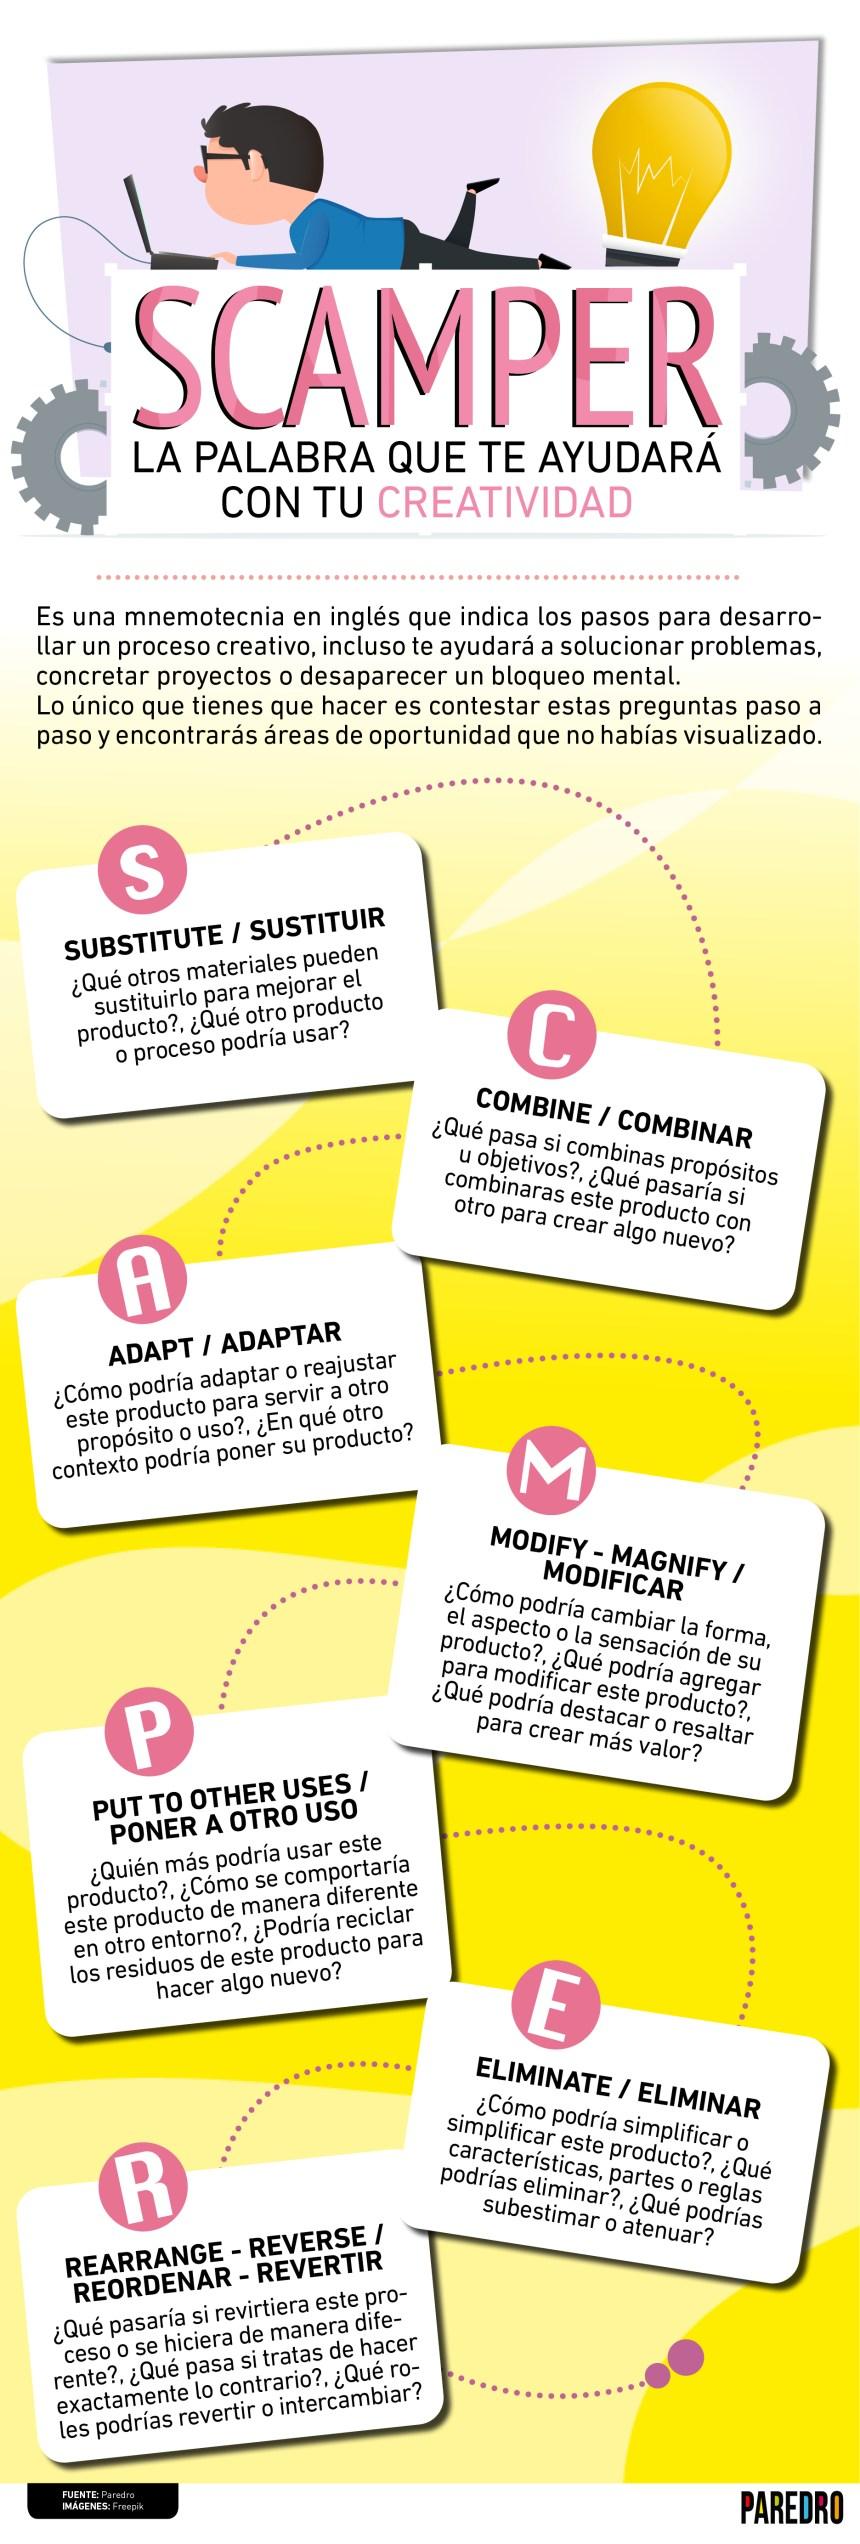 SCAMPER: La palabra que te ayudará con tu Creatividad